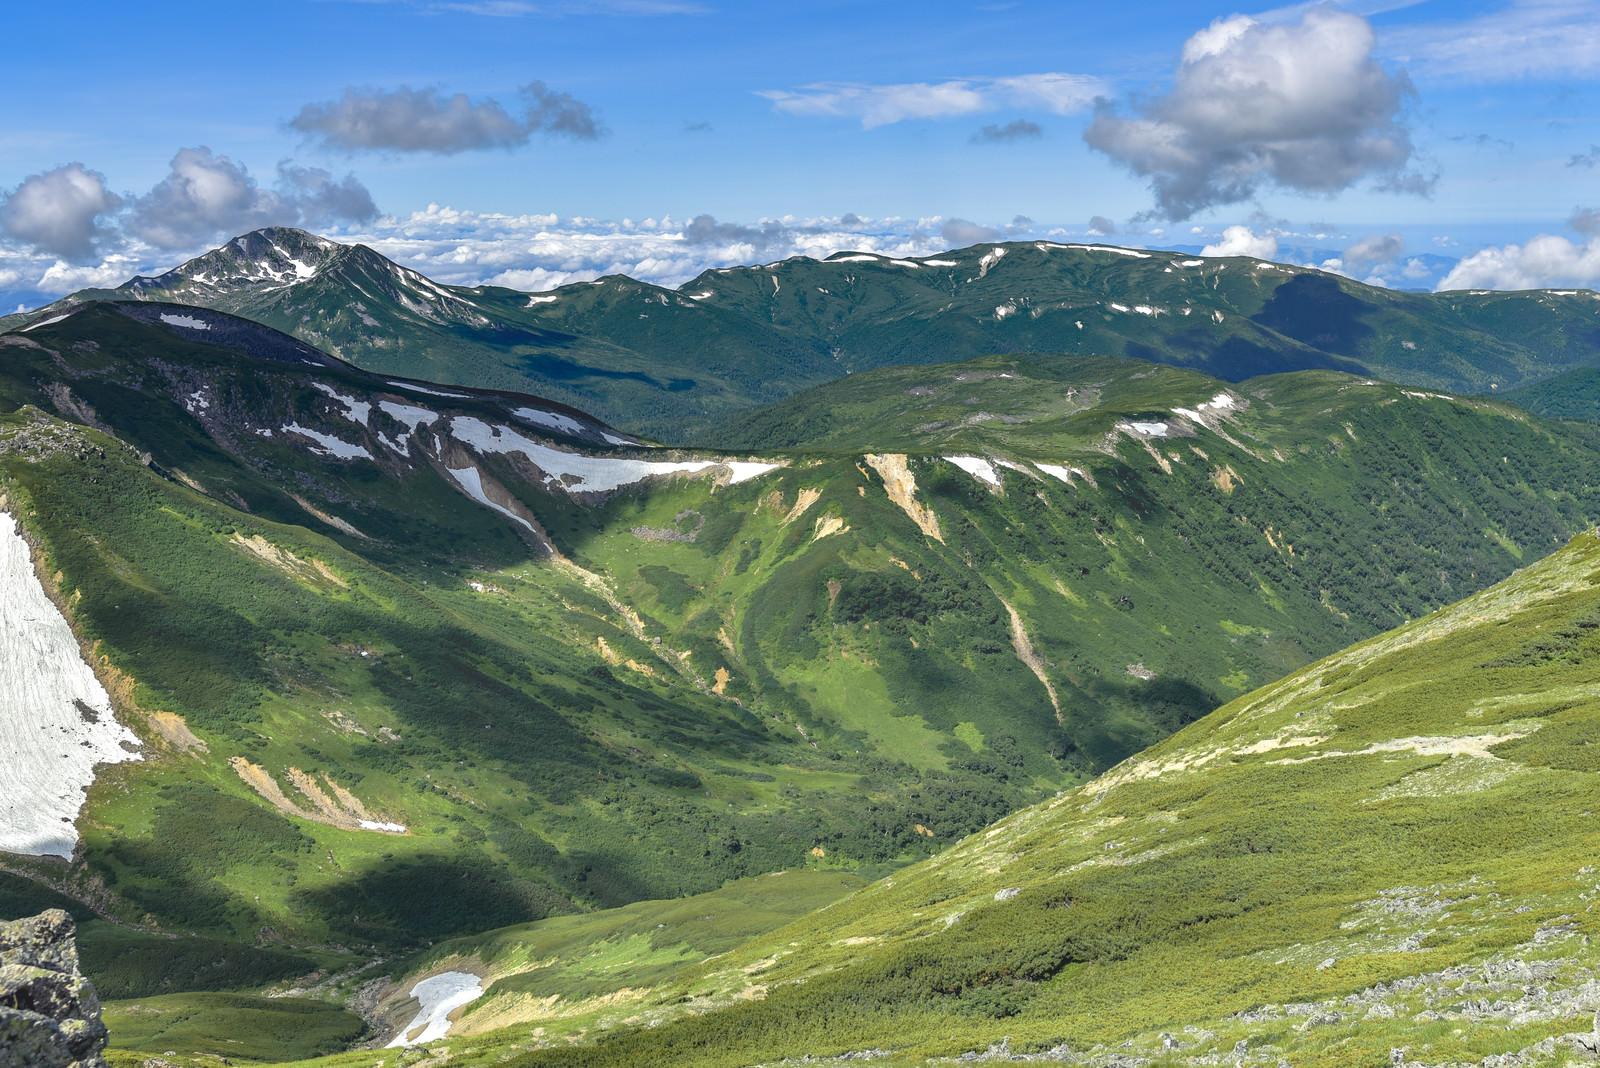 「水晶岳側から見る雲ノ平」の写真